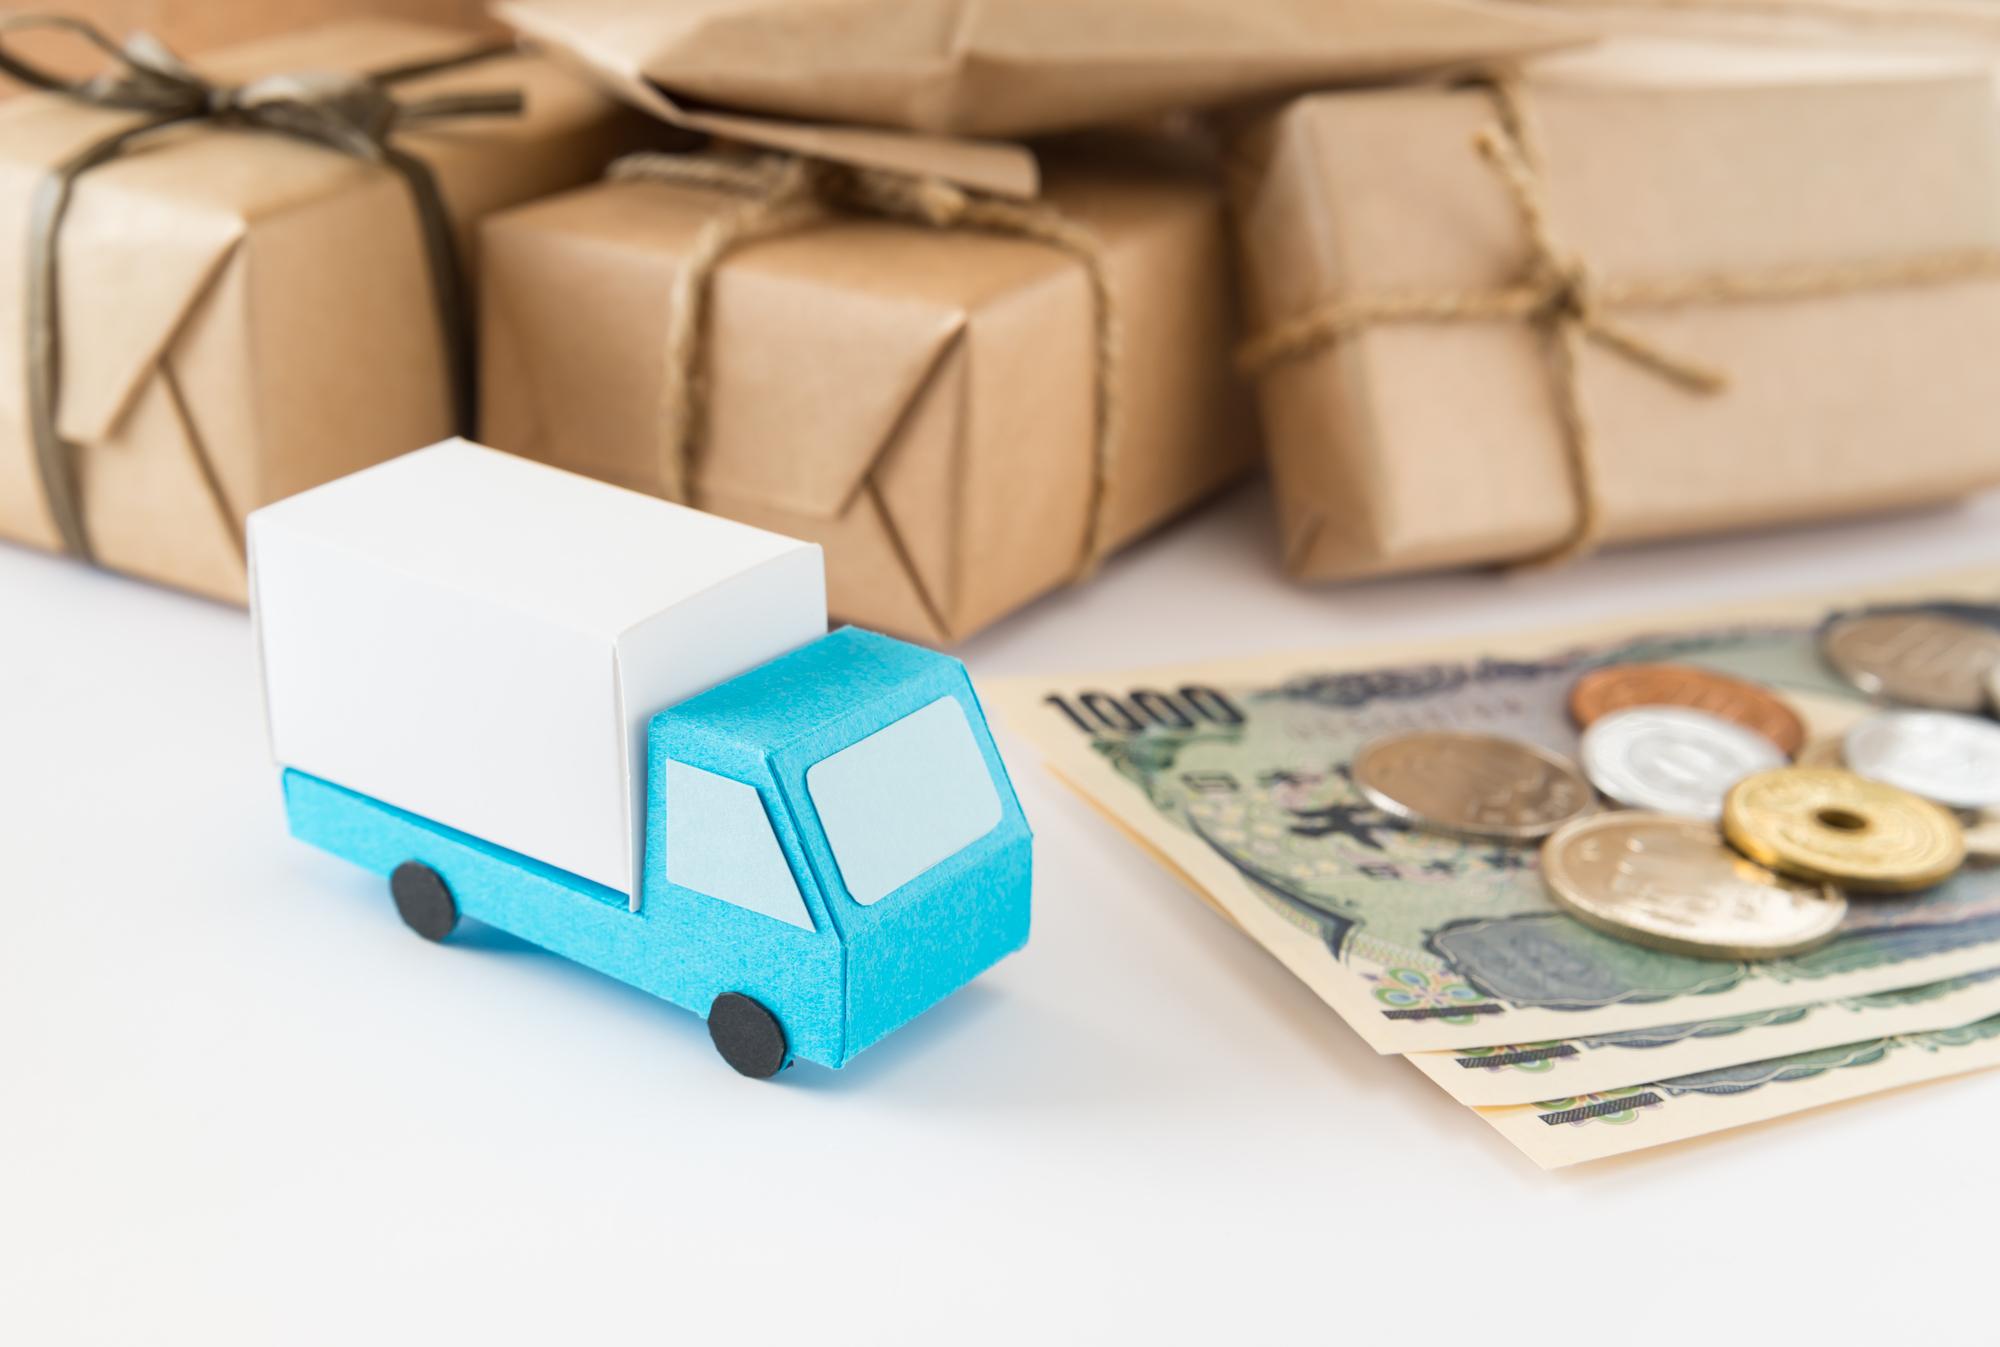 紙製の引越しトラックと荷物のミニチュア模型とお金